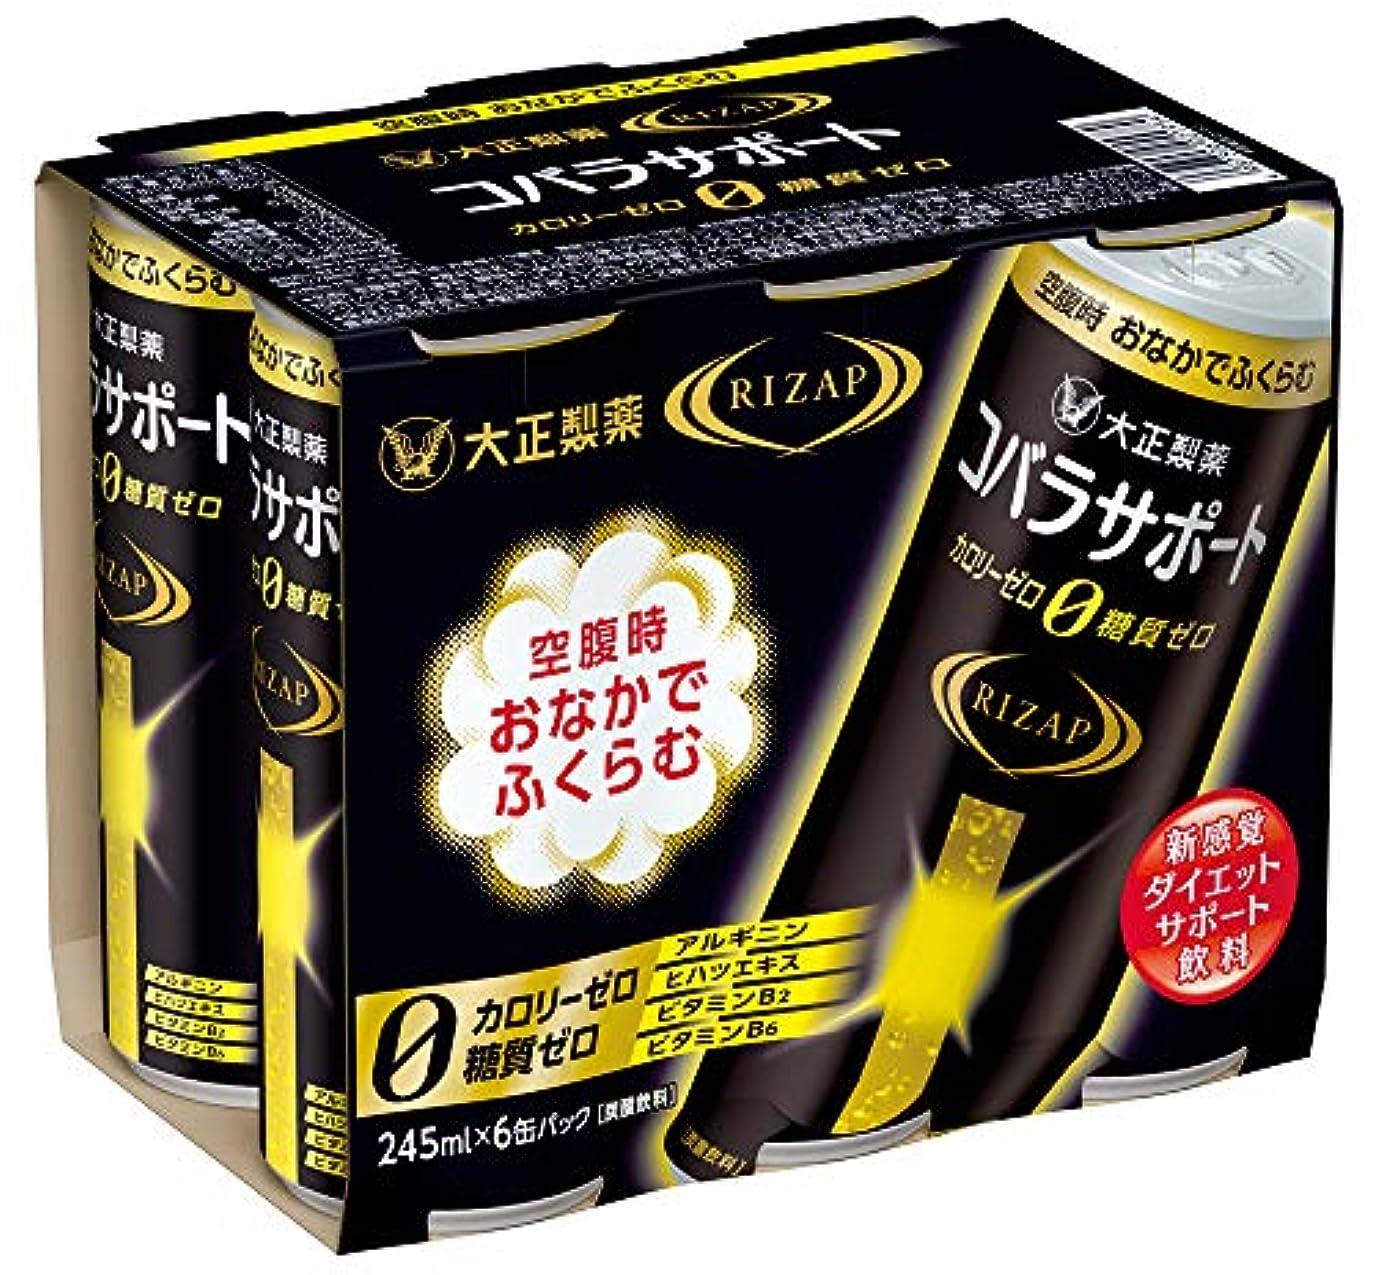 食事窒素食事コバラサポートR 6本セット【期間限定】【ライザップコラボ品】